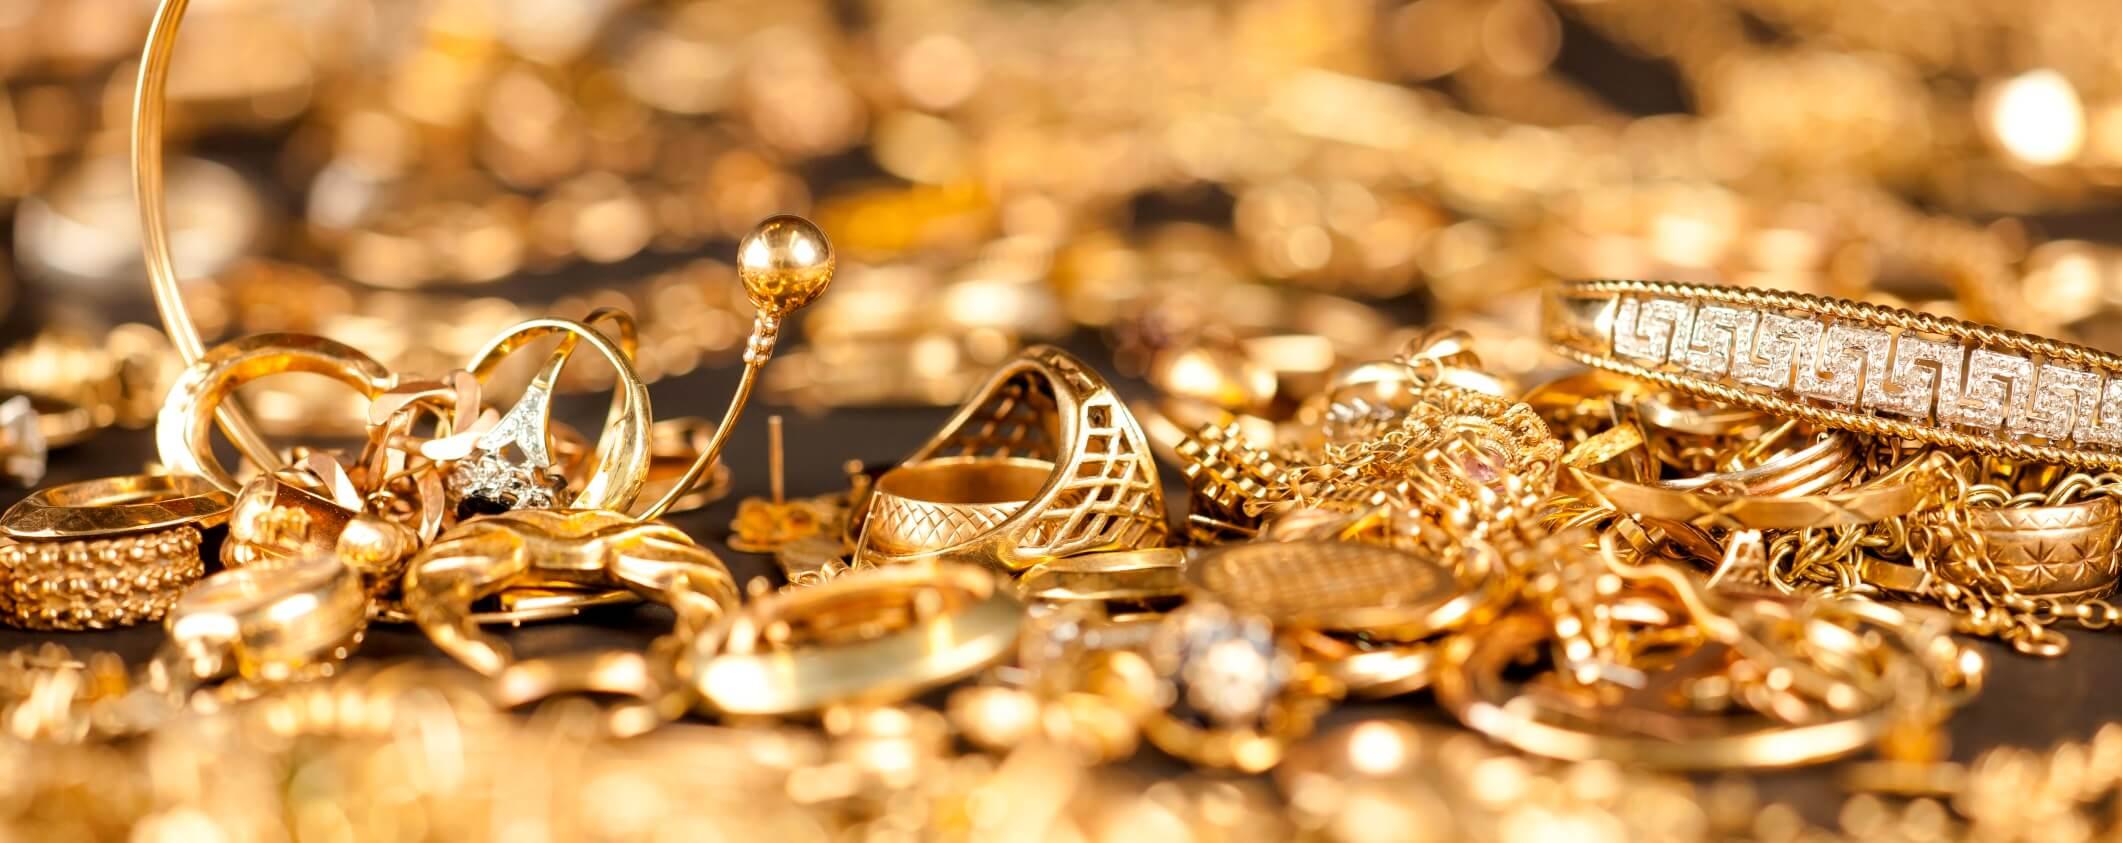 Resultado de imagen para imagen de joyas de oro